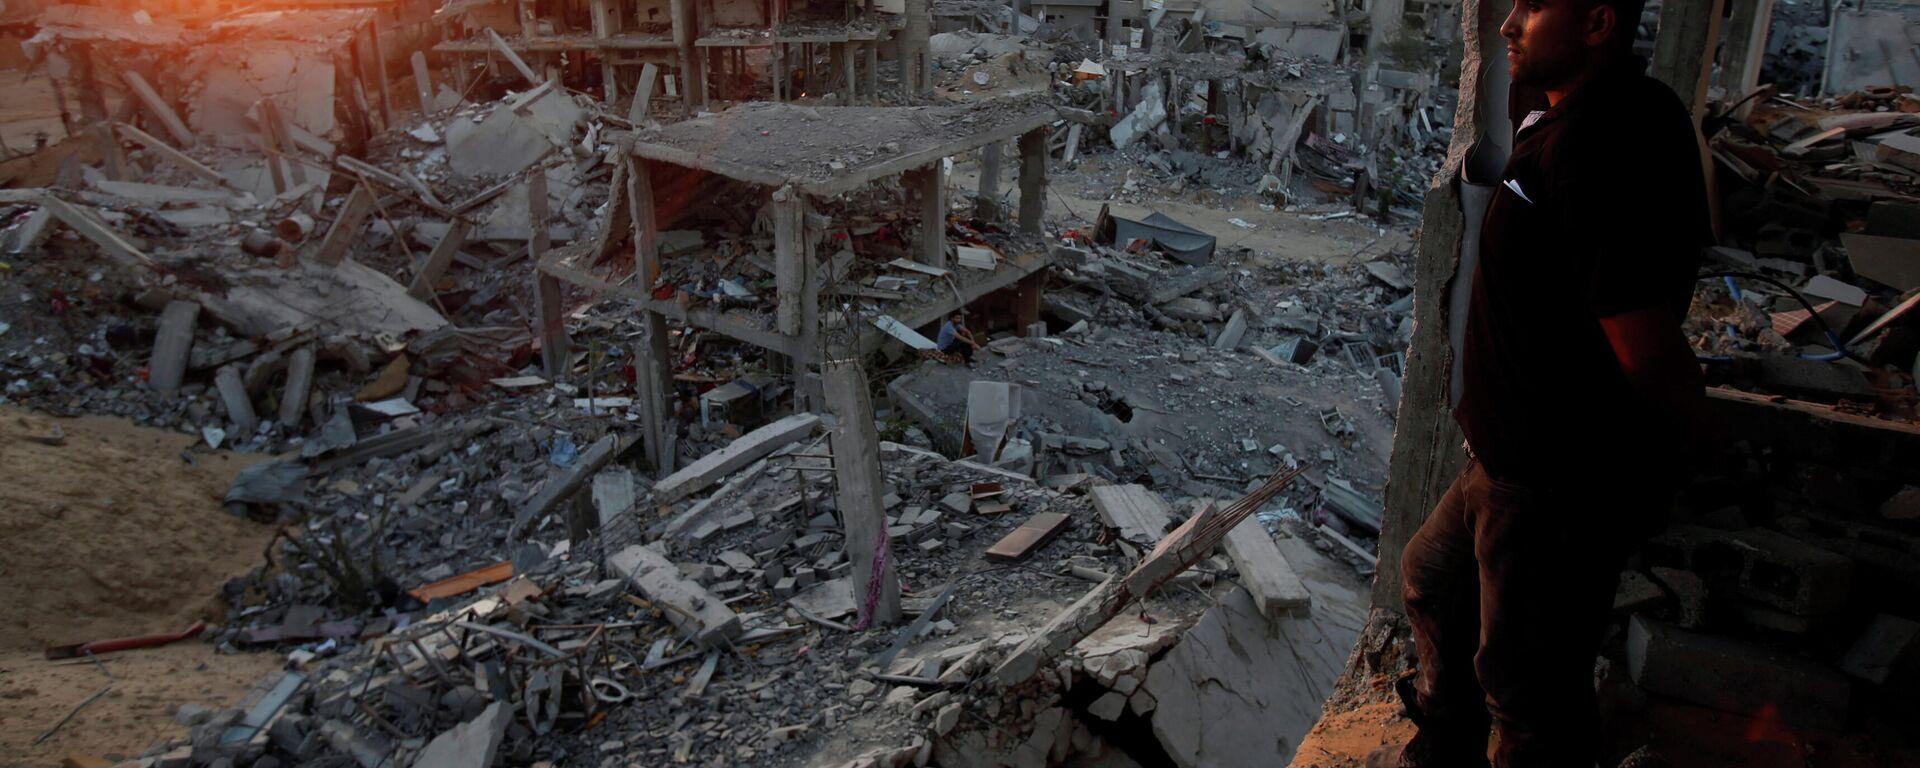 Situación en la Franja de Gaza - Sputnik Mundo, 1920, 14.05.2021